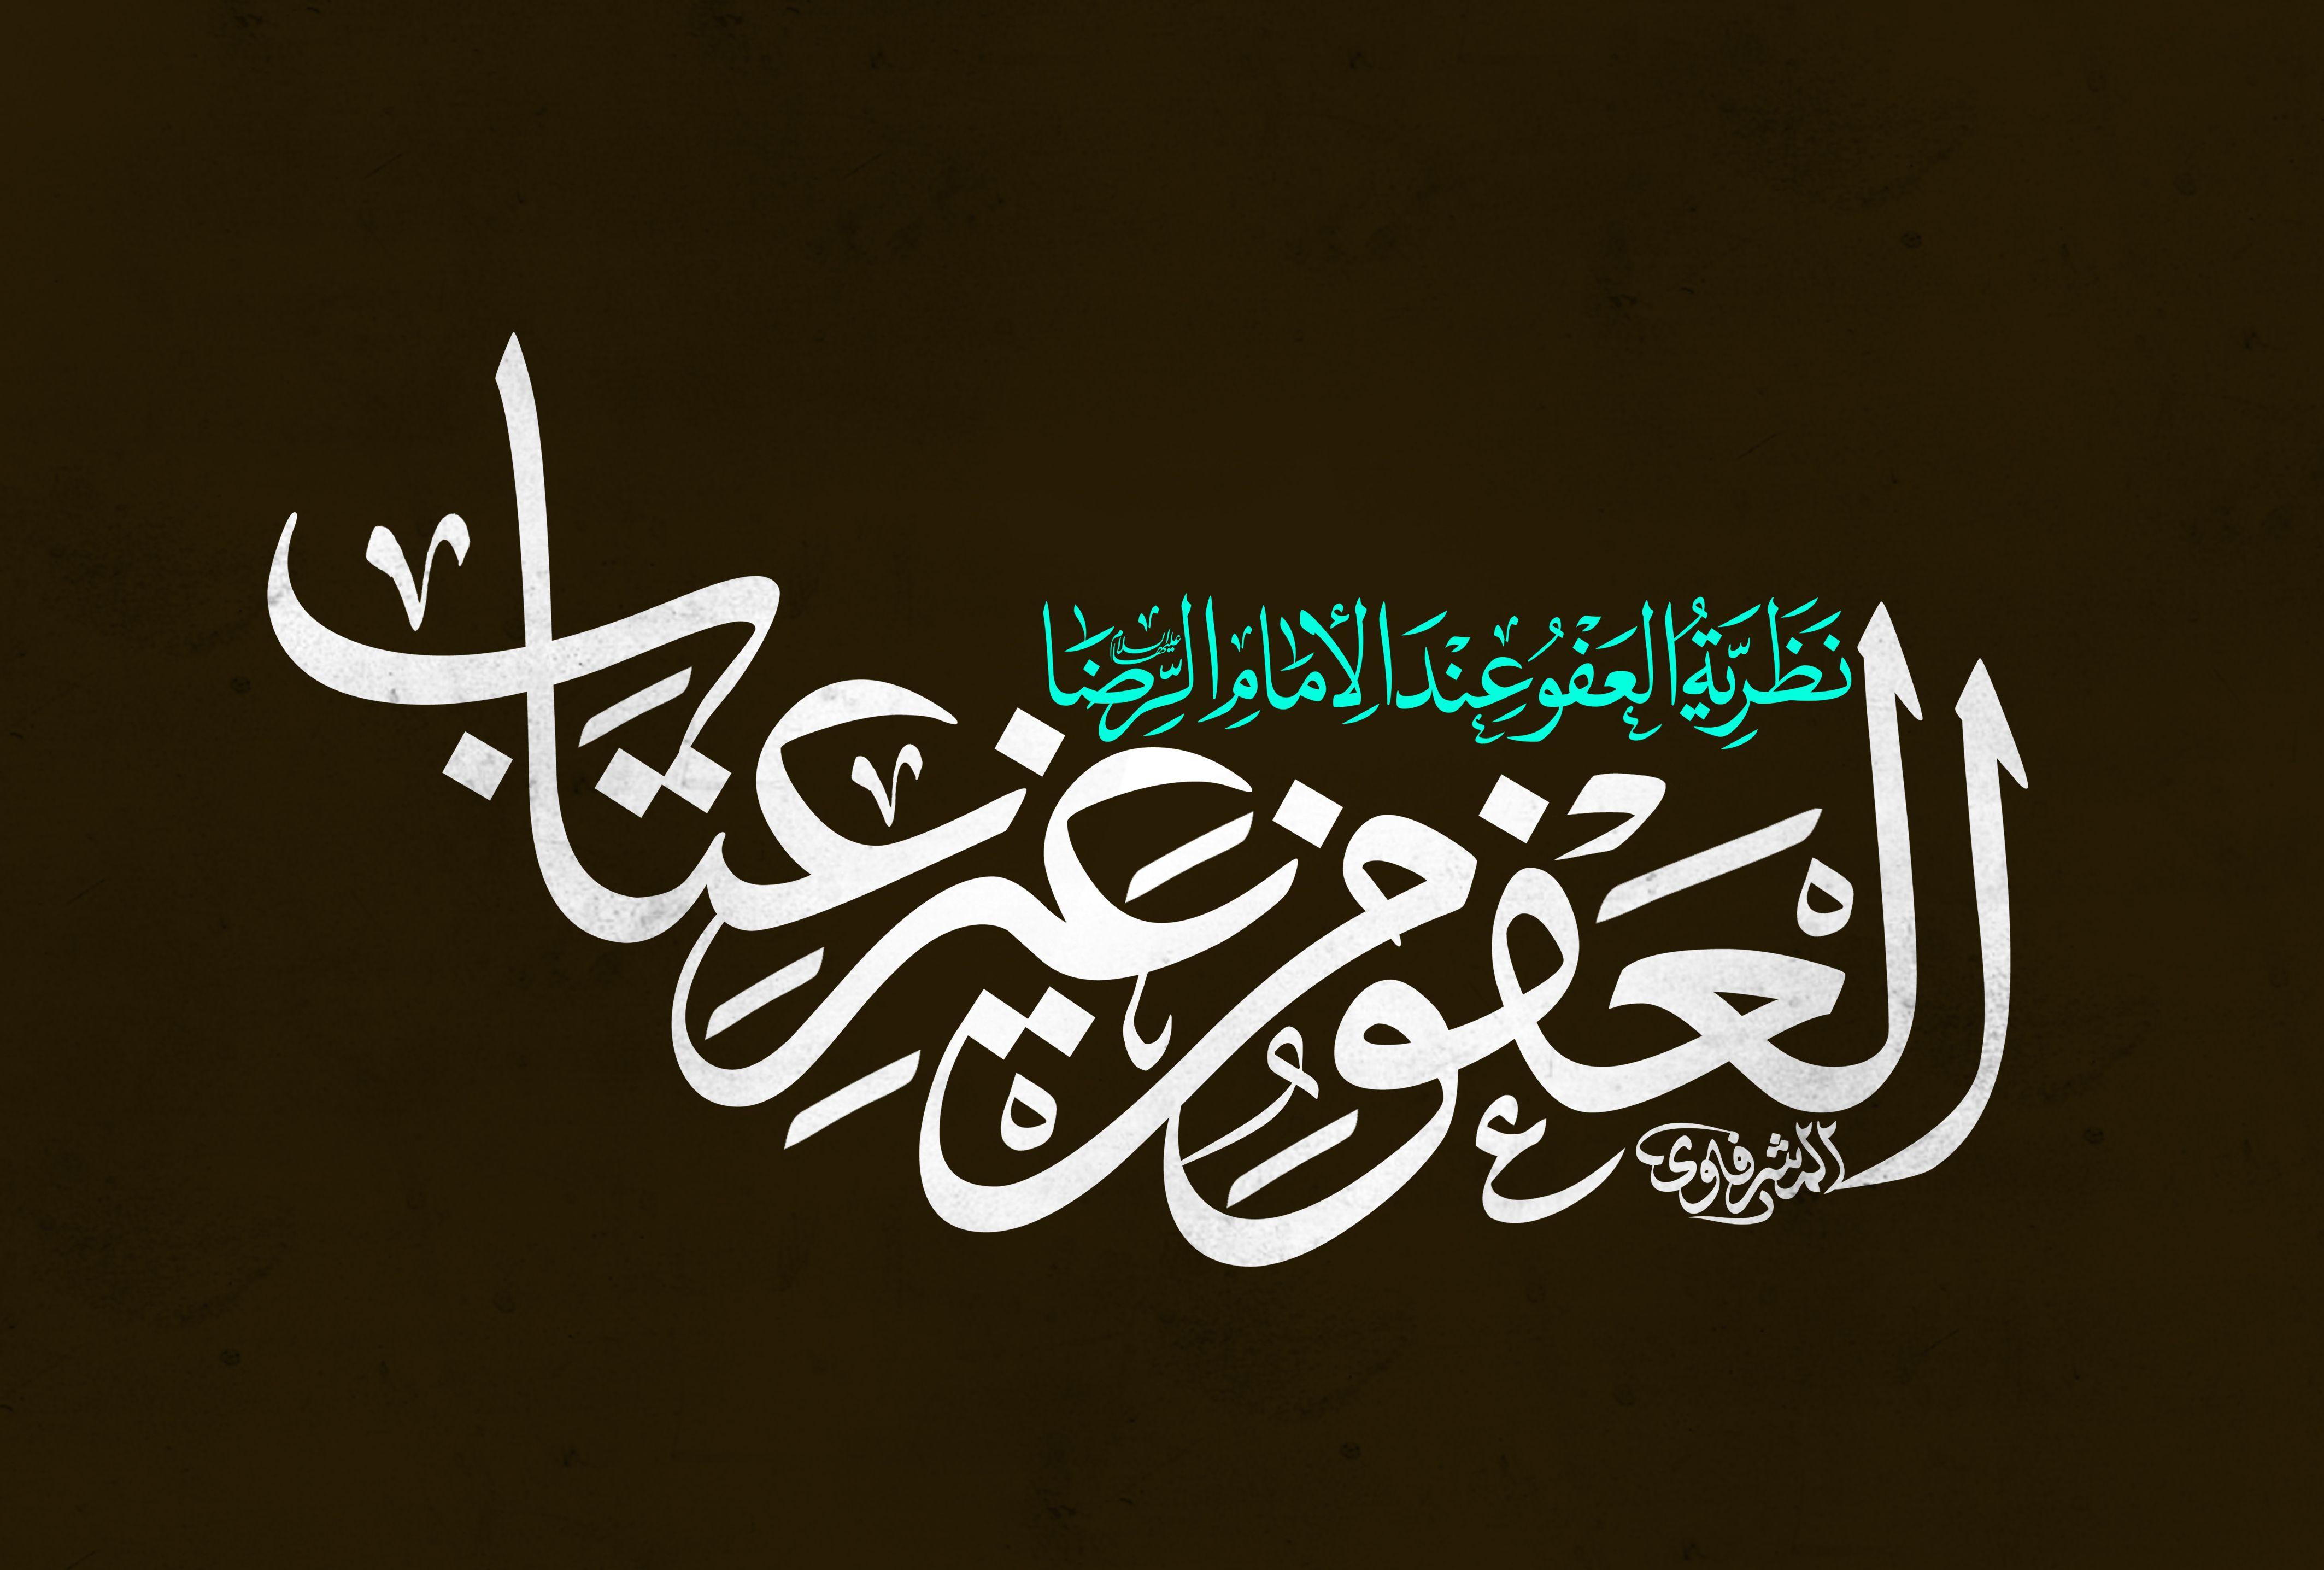 العفوا من غير عتاب Arabic Calligraphy Calligraphy